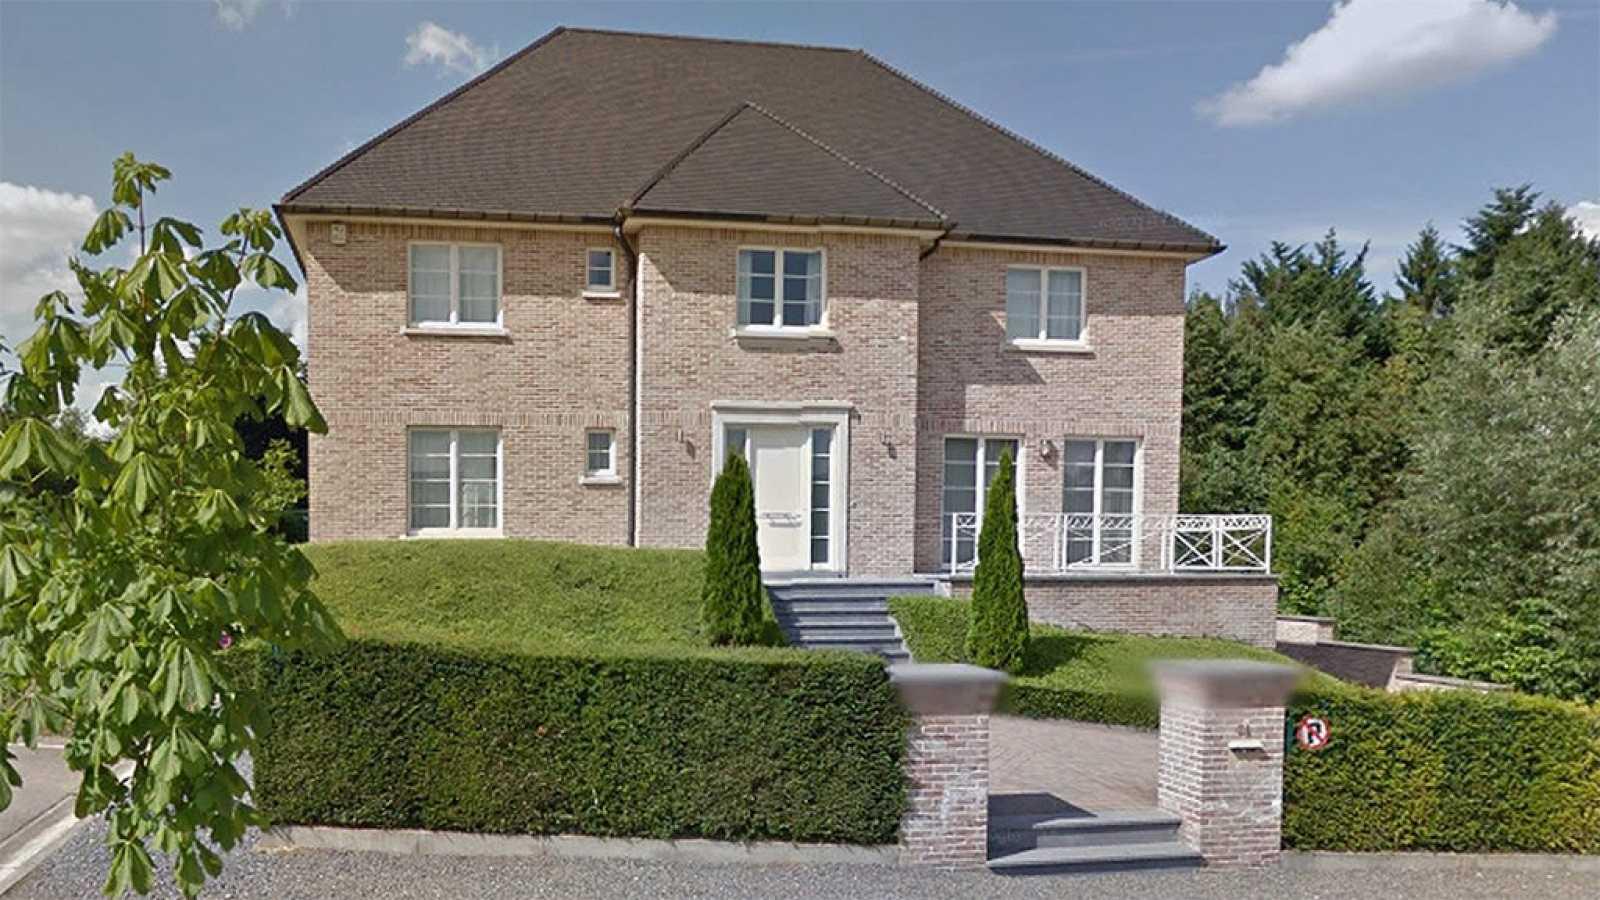 Puigdemont alquila una casa en waterloo b lgica por 4 for Alquiler casa sevilla una semana